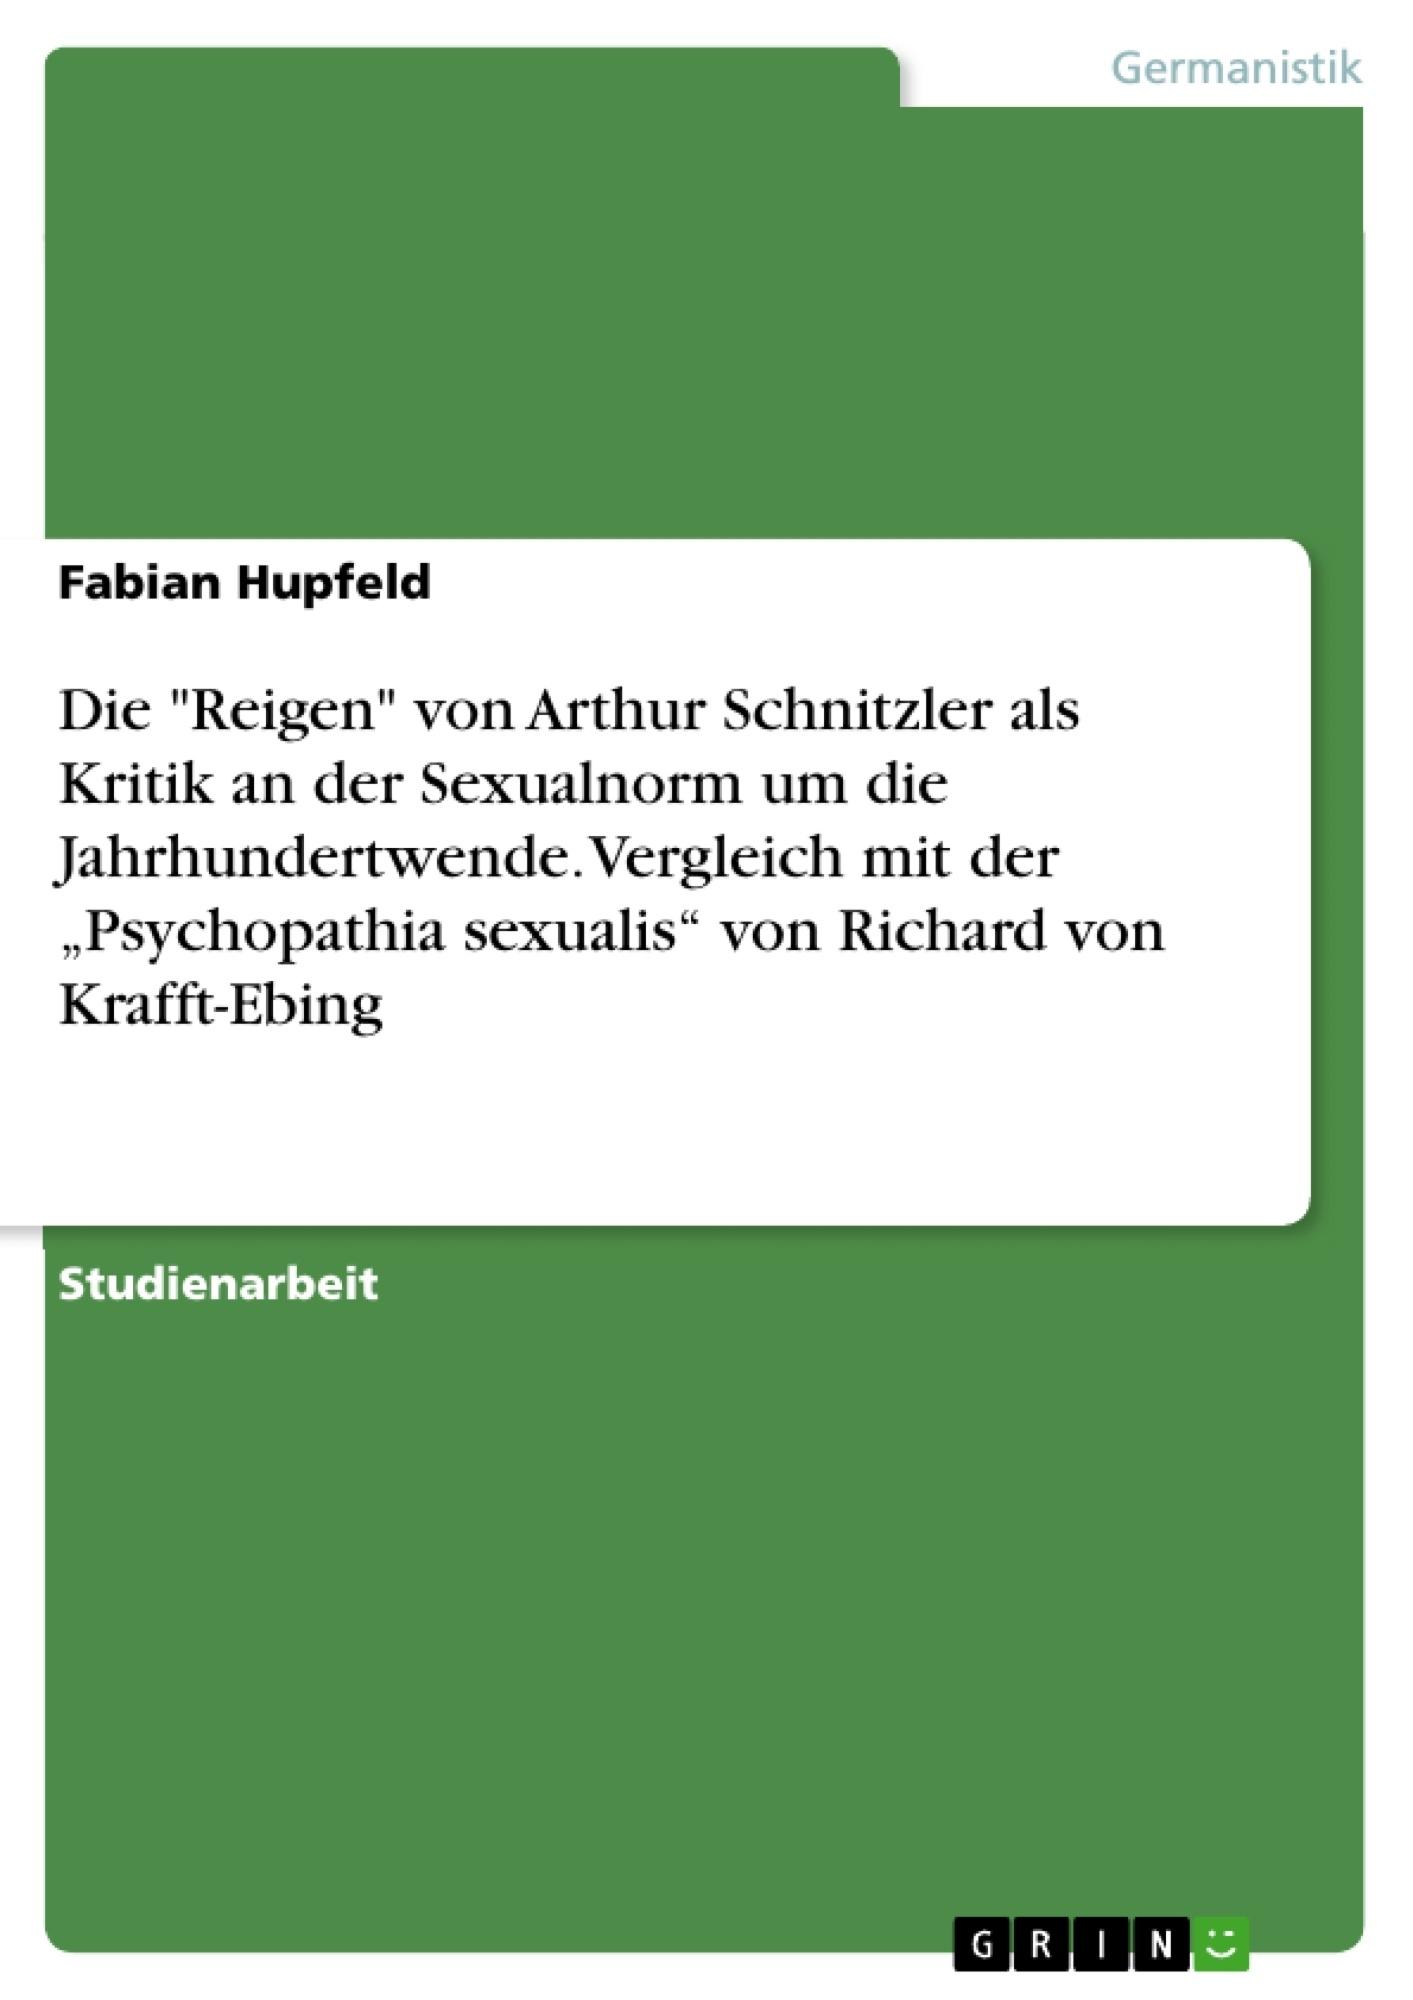 """Titel: Die """"Reigen"""" von Arthur Schnitzler als Kritik an der Sexualnorm um die Jahrhundertwende. Vergleich mit der """"Psychopathia sexualis"""" von Richard von Krafft-Ebing"""